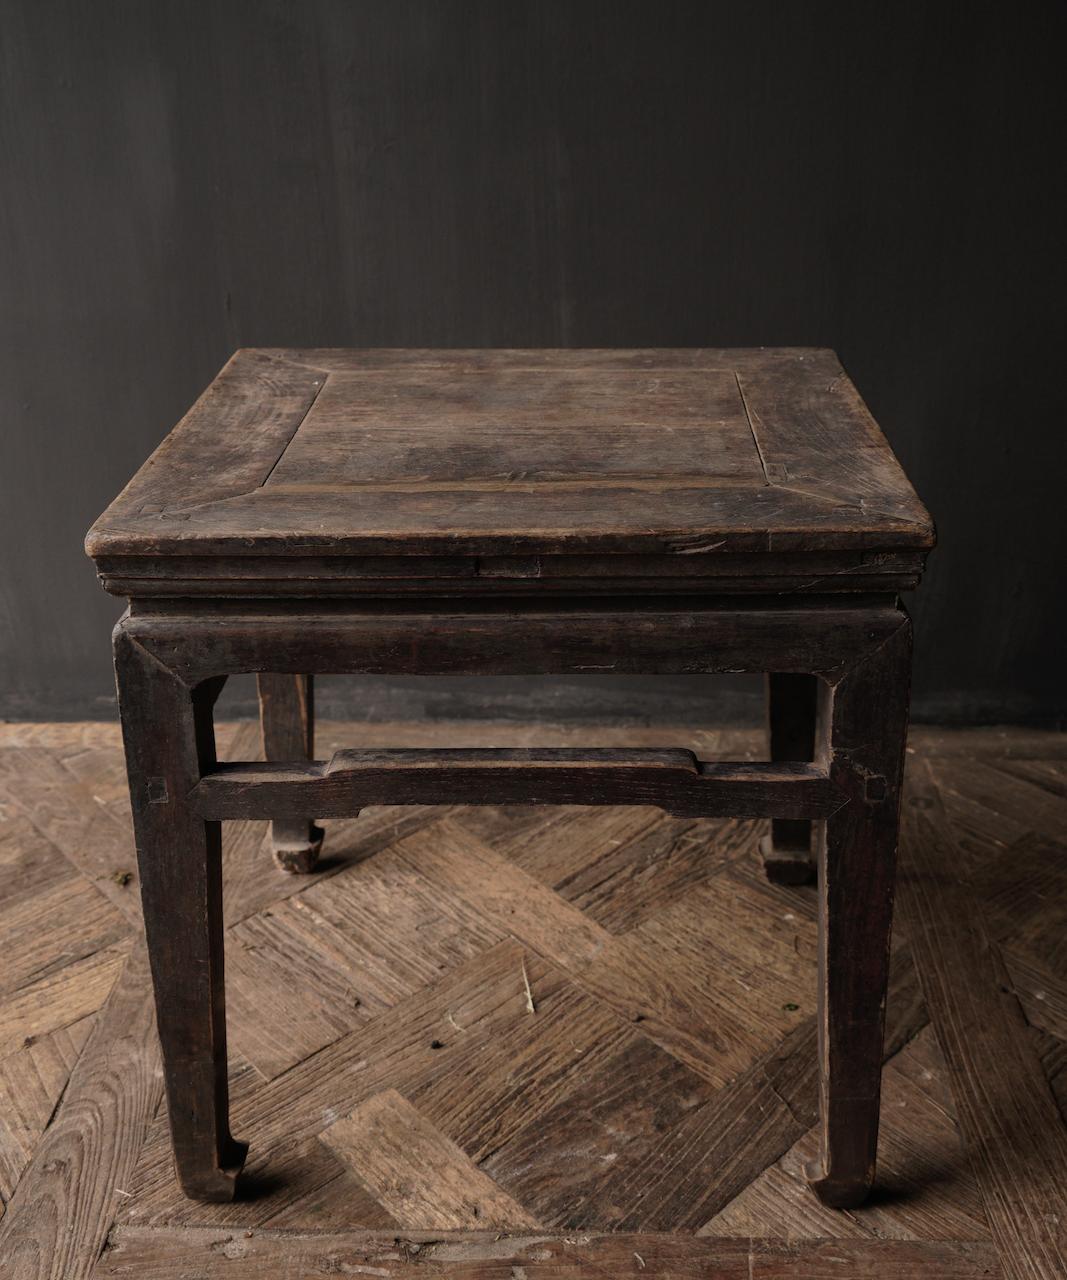 Altes authentisches hölzernes Salon- / Beistelltischquadrat Einzigartiges Einzelteil-8